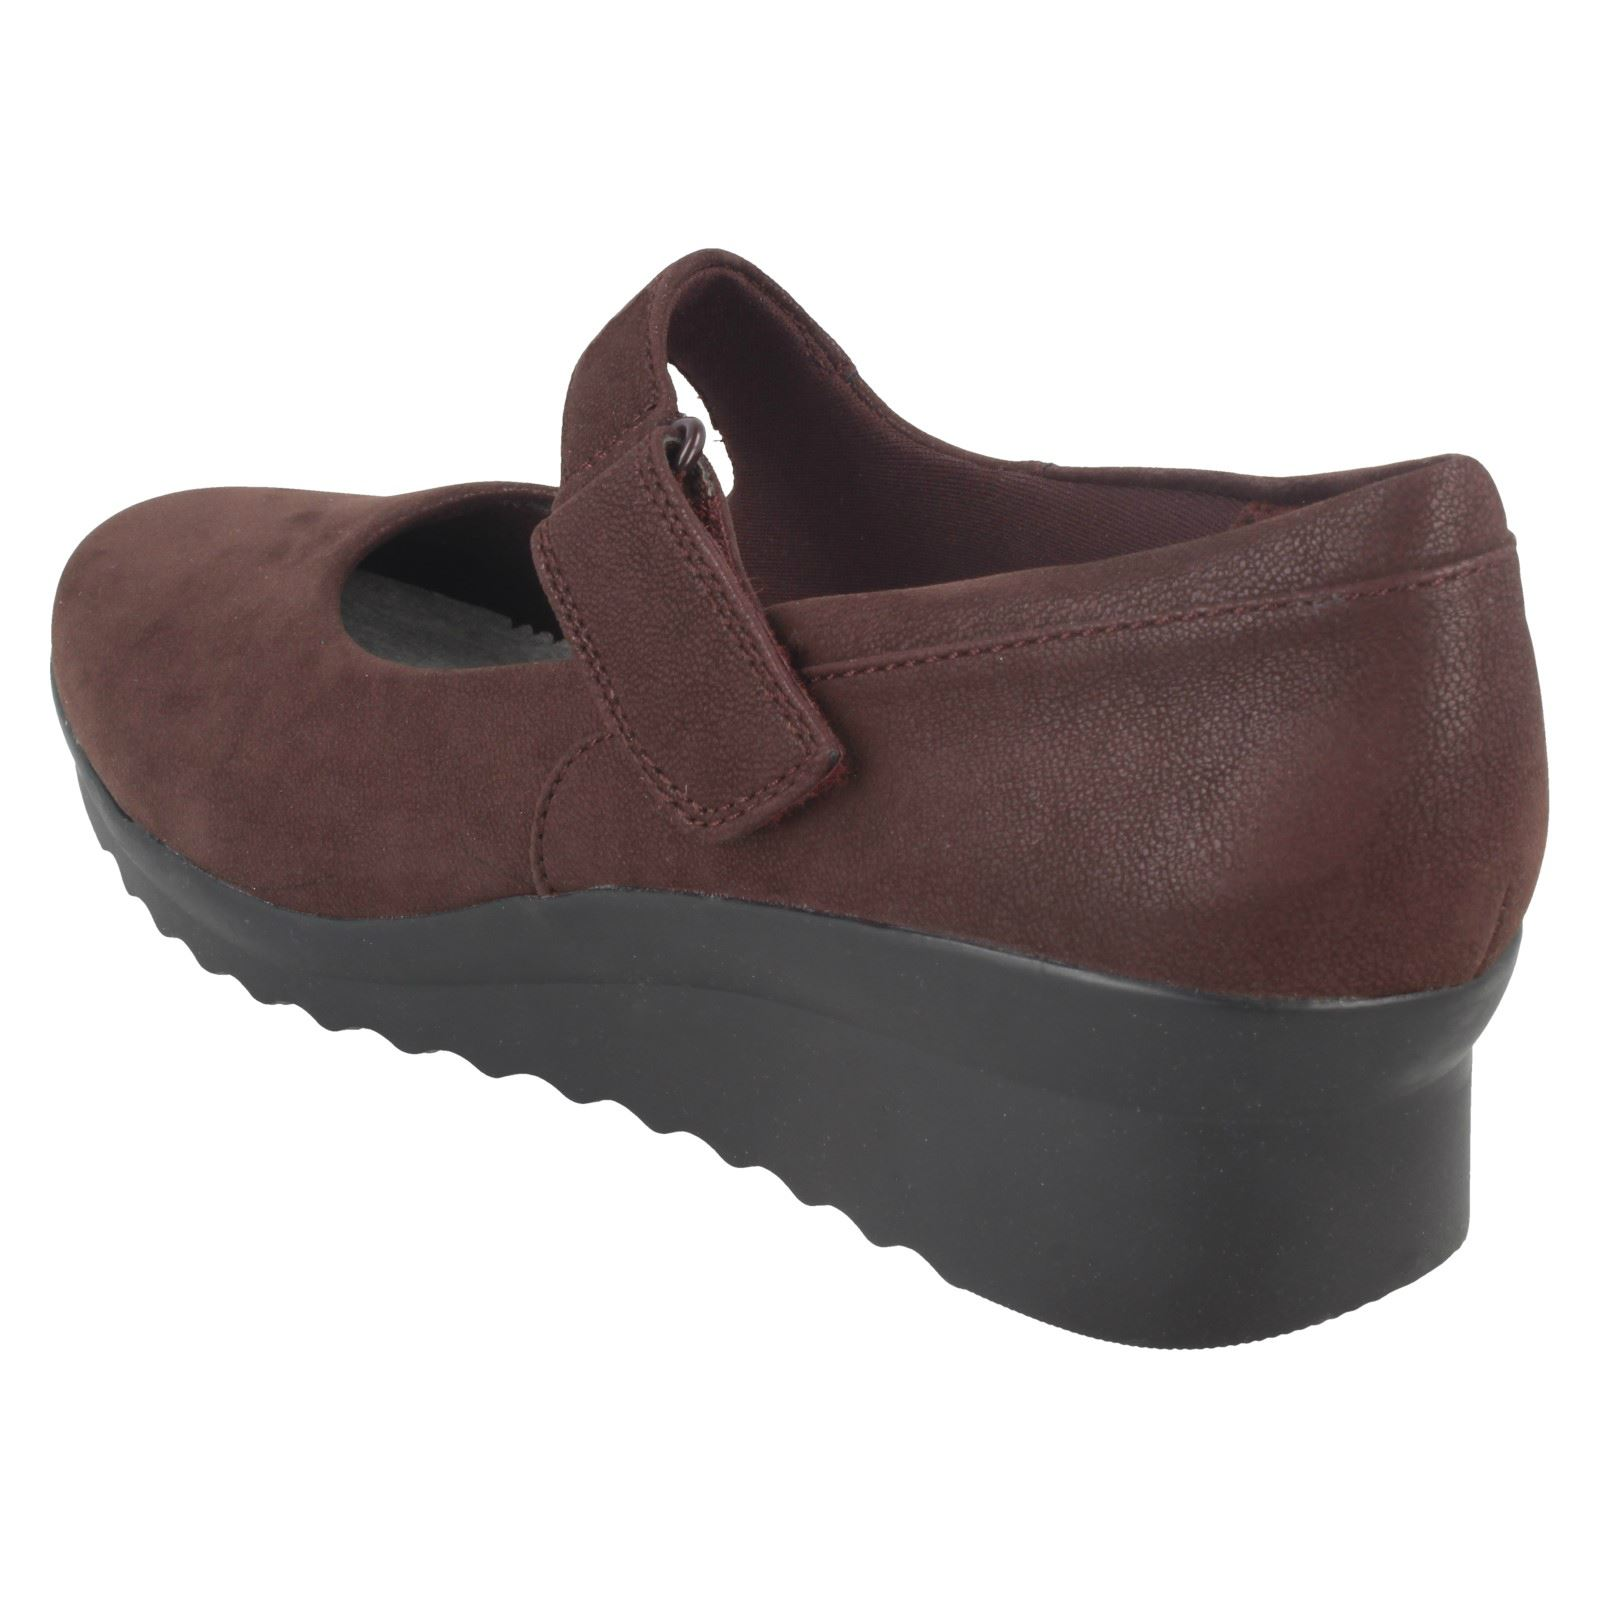 Señoras cloudsteppers Por Clarks Zapatos de cuña-Caddell Yale